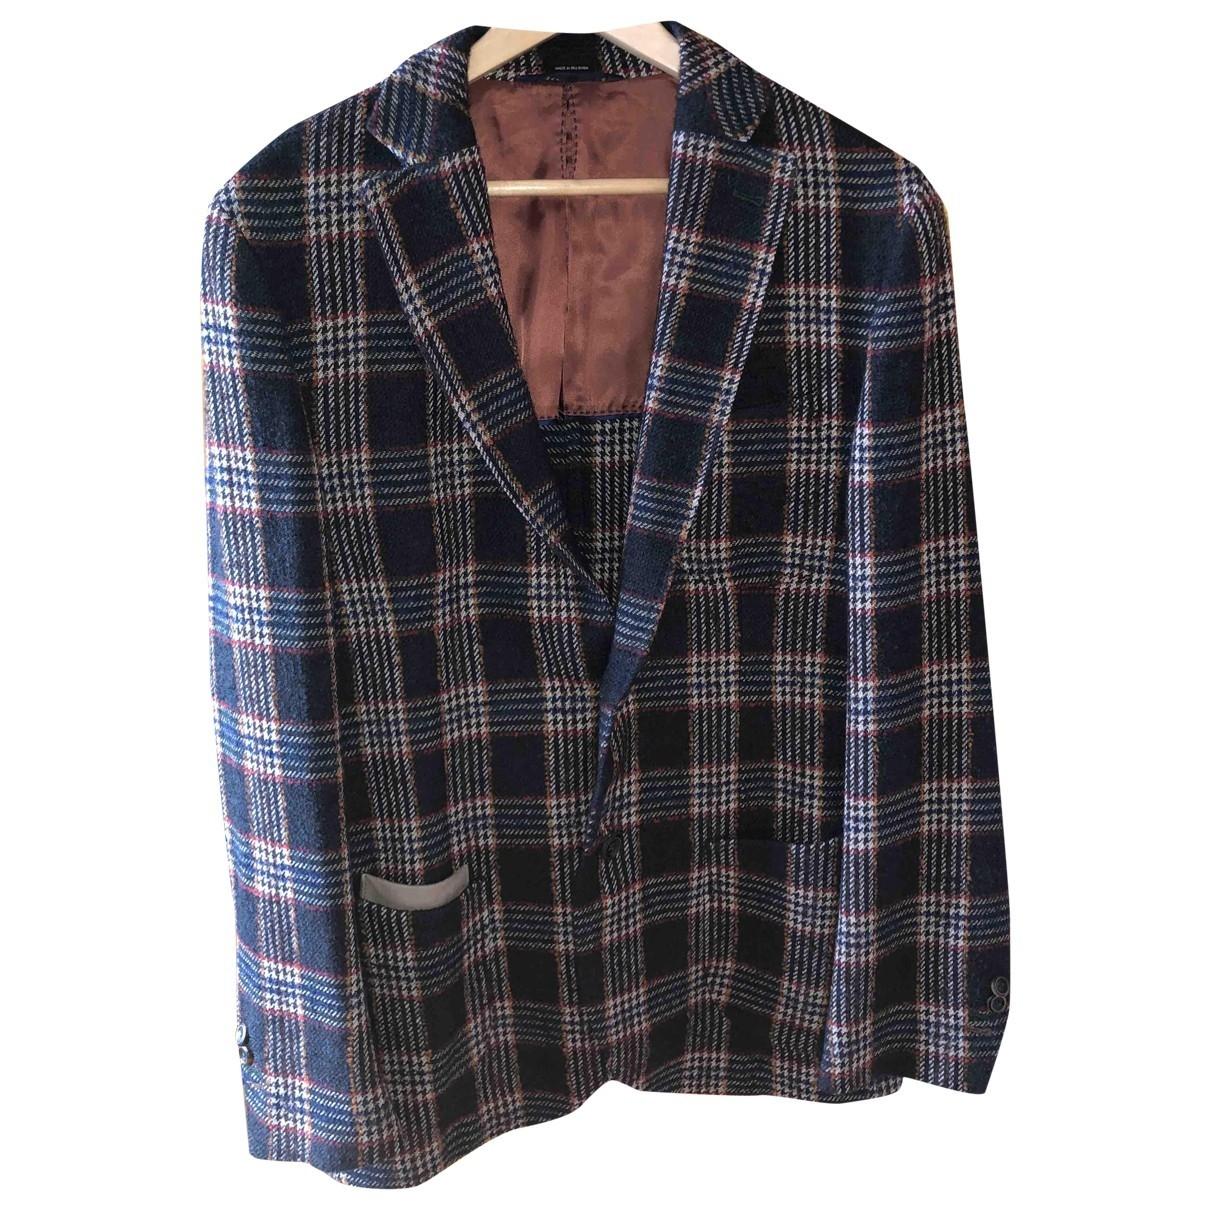 Massimo Dutti - Vestes.Blousons   pour homme en laine